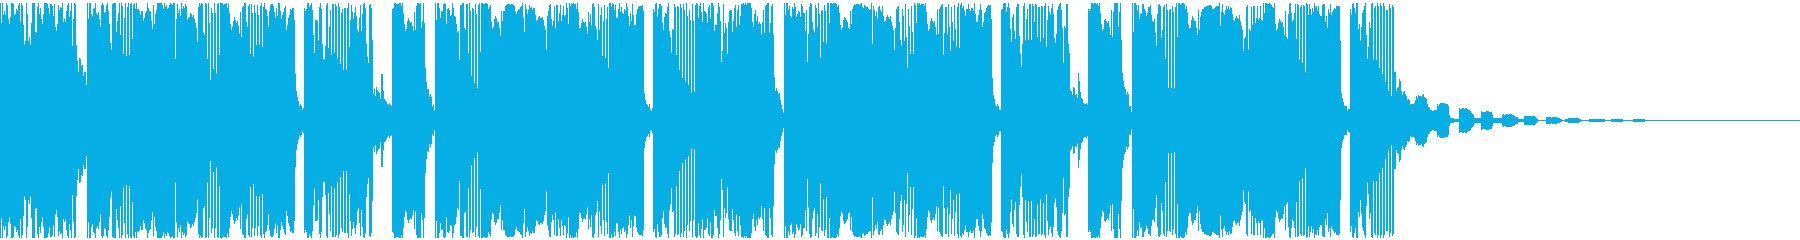 【アンビエント】ロング2、ショート6の再生済みの波形